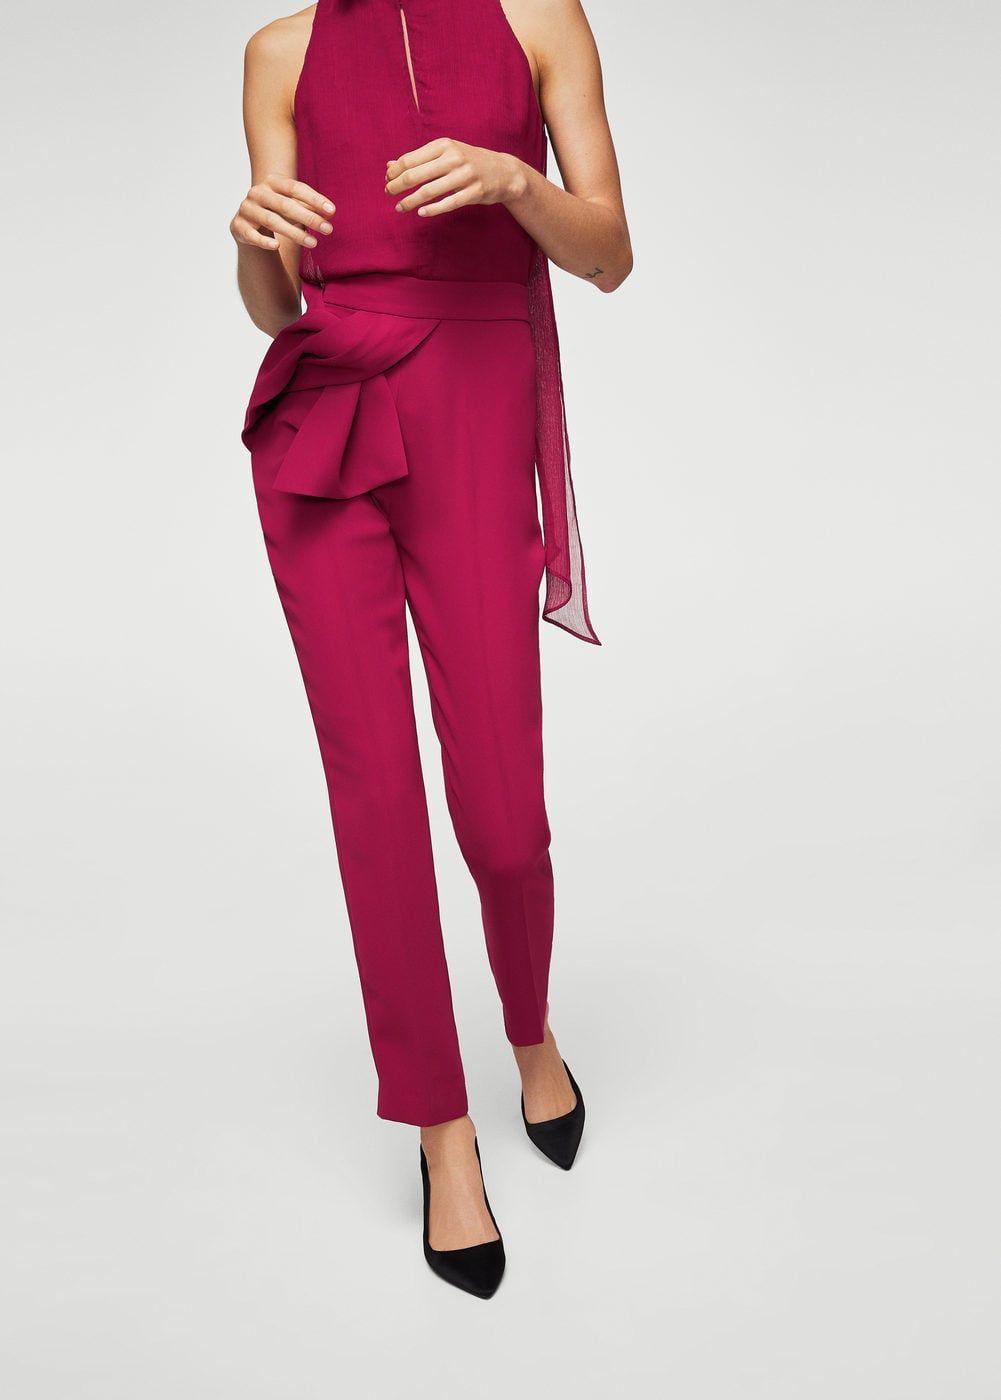 Pantalón detalle nudo - Pantalones de Mujer  bc59c8cbbf29